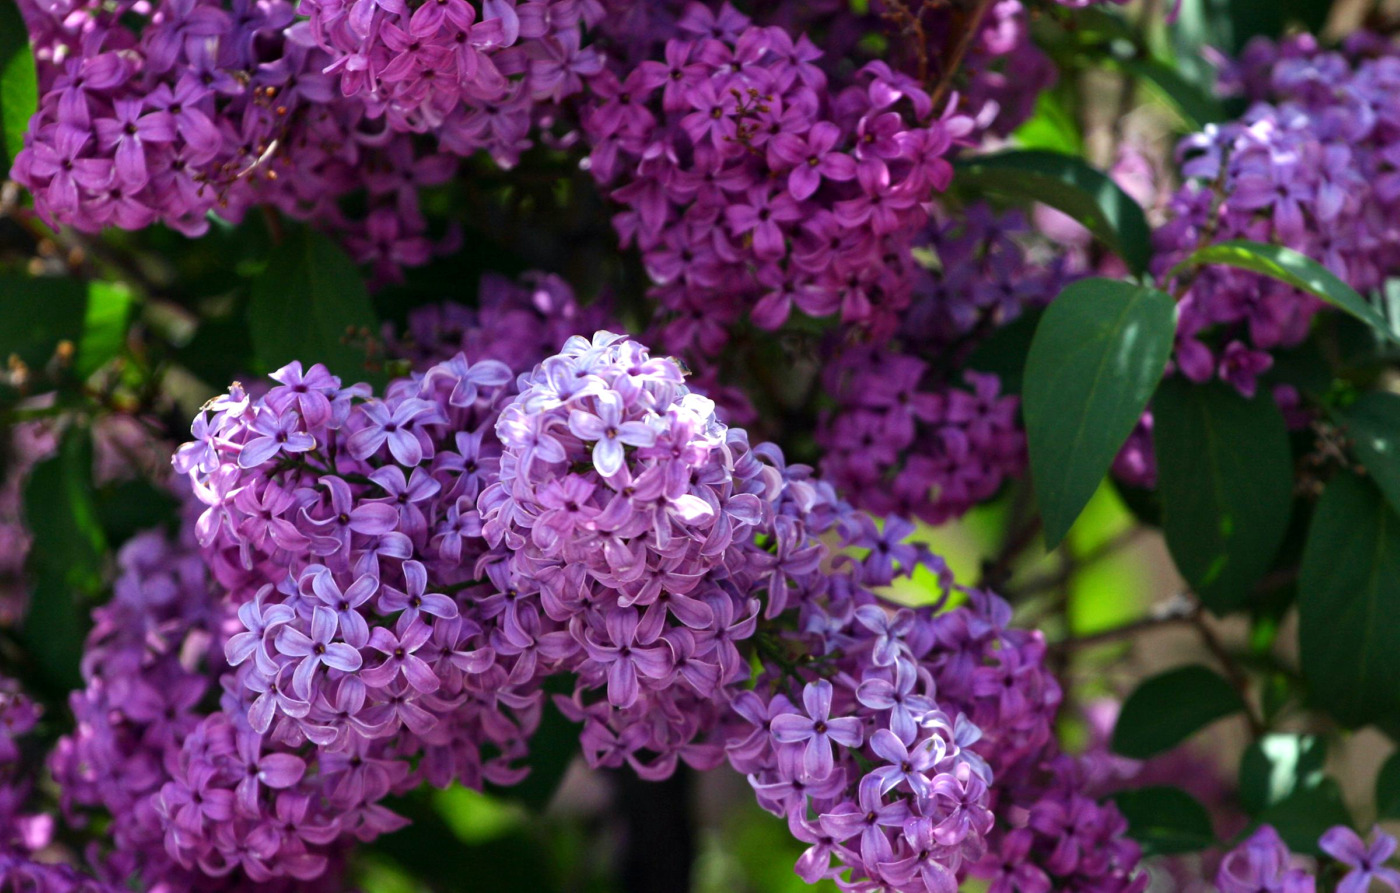 Tapeta mae fioletowe kwiatuszki Kwiaty Ziemia 1400x893